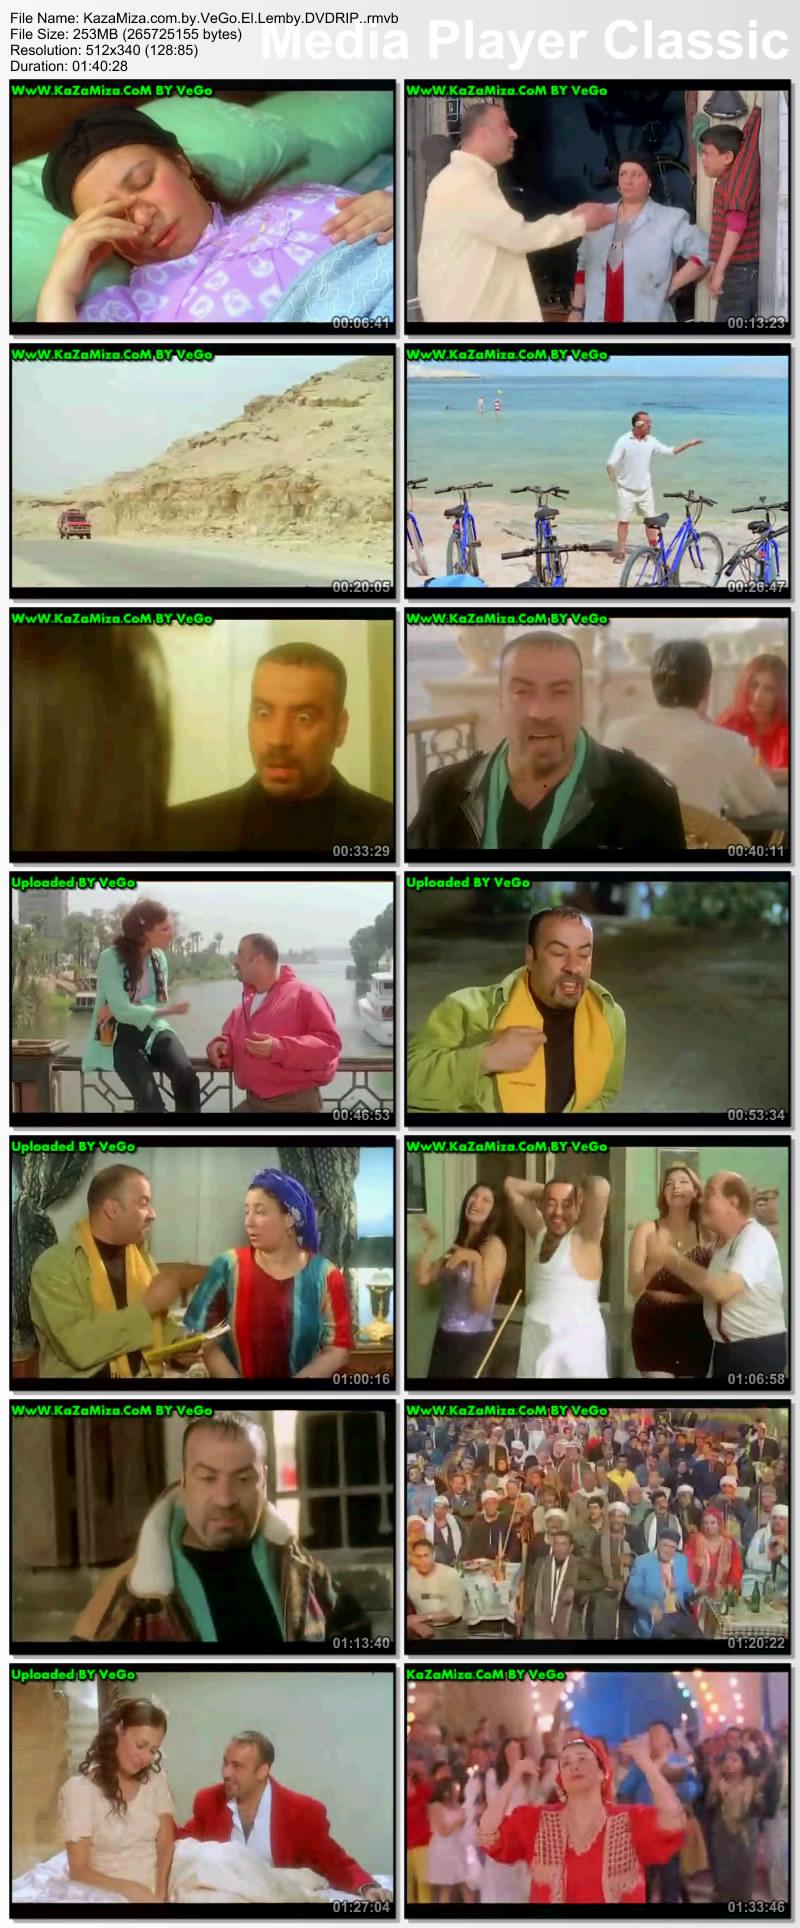 الفيلم الجميل الجميع اللمبى نسخه